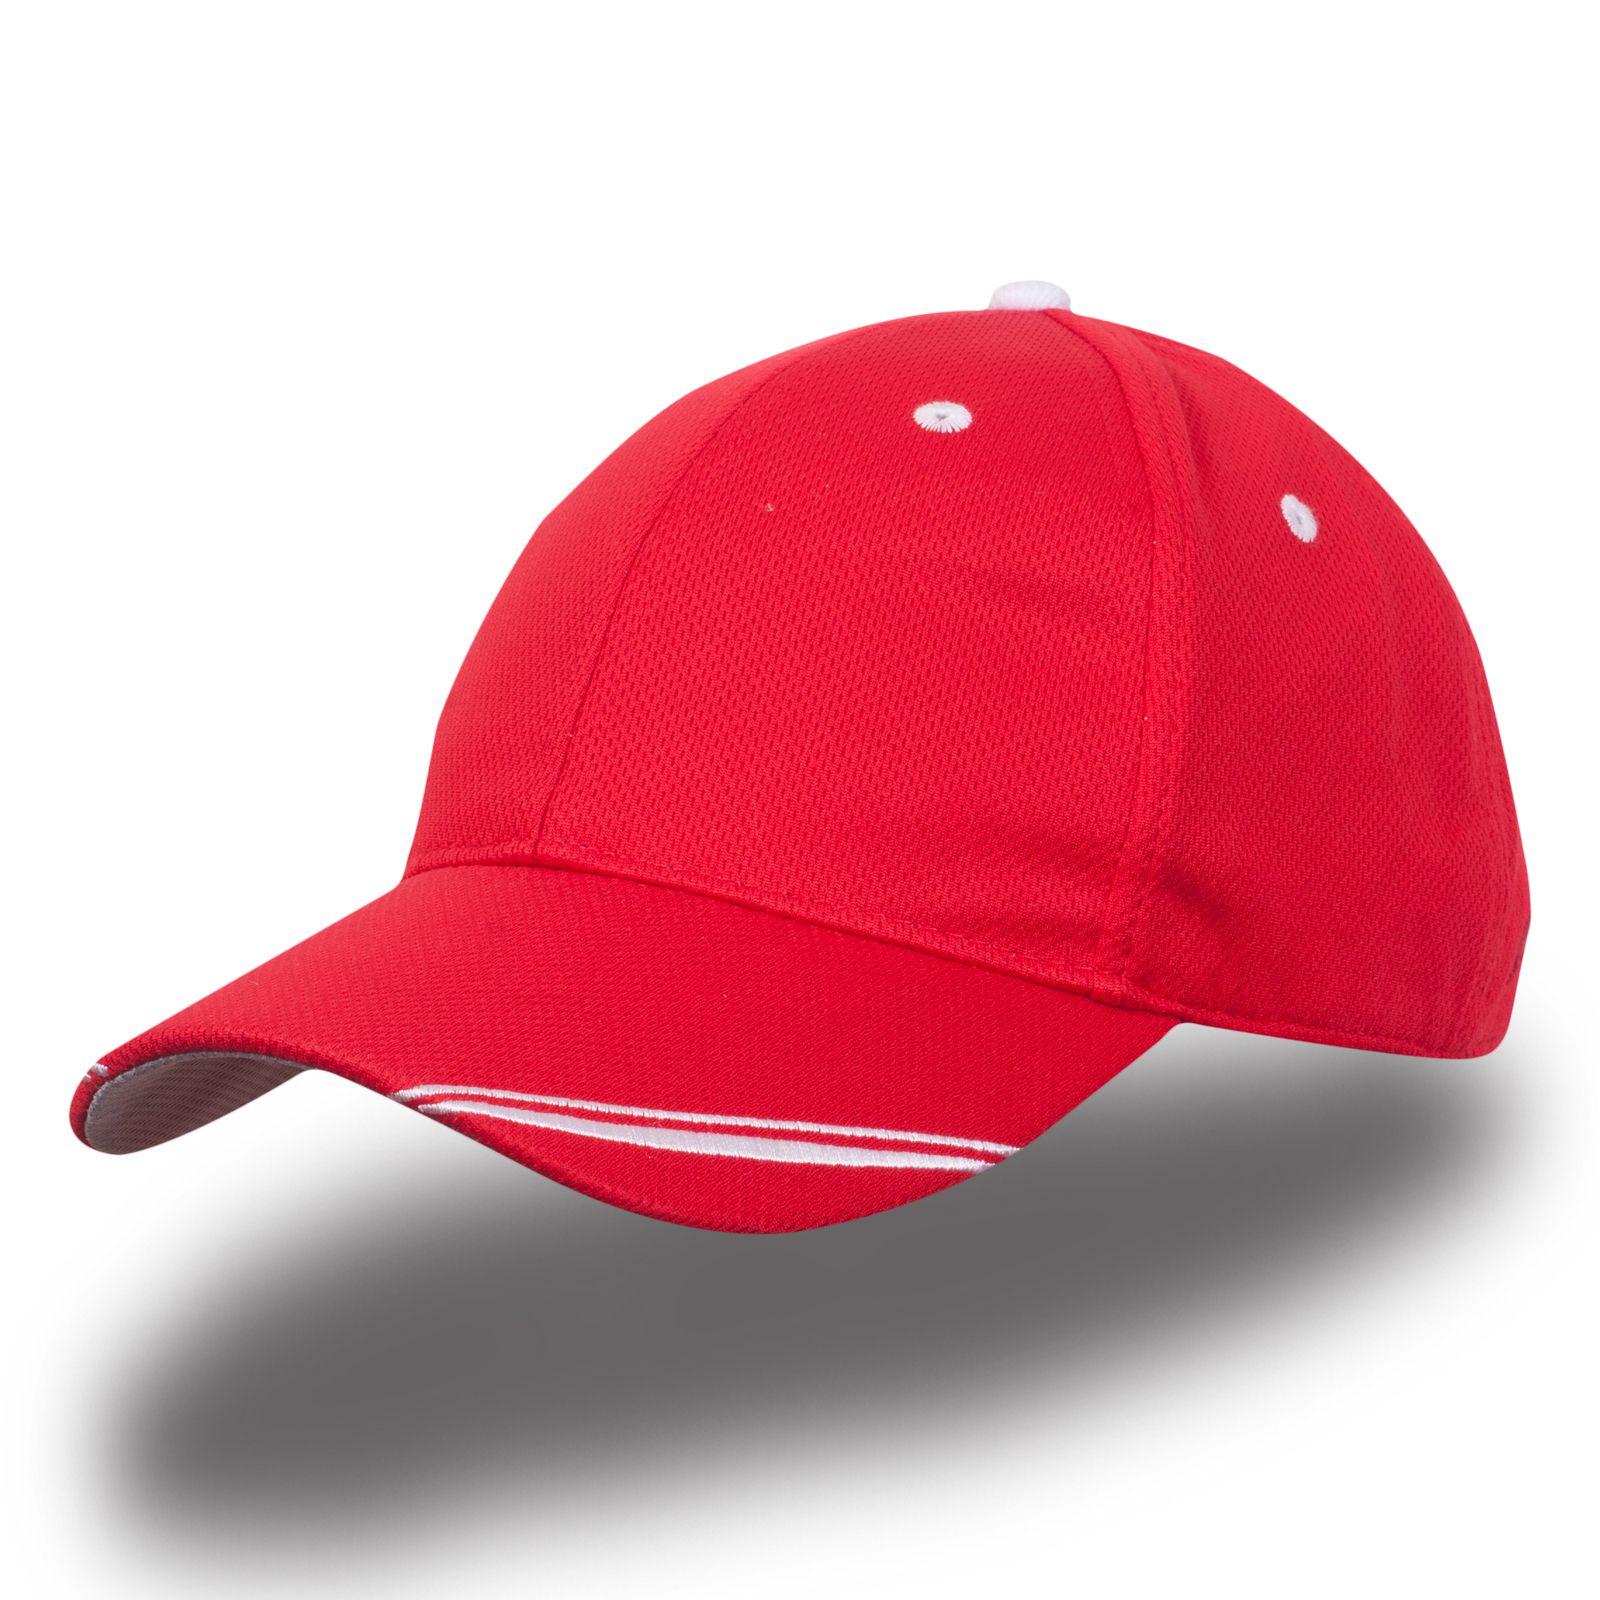 Красная спортивная бейсболка - купить в интернет-магазине с доставкой